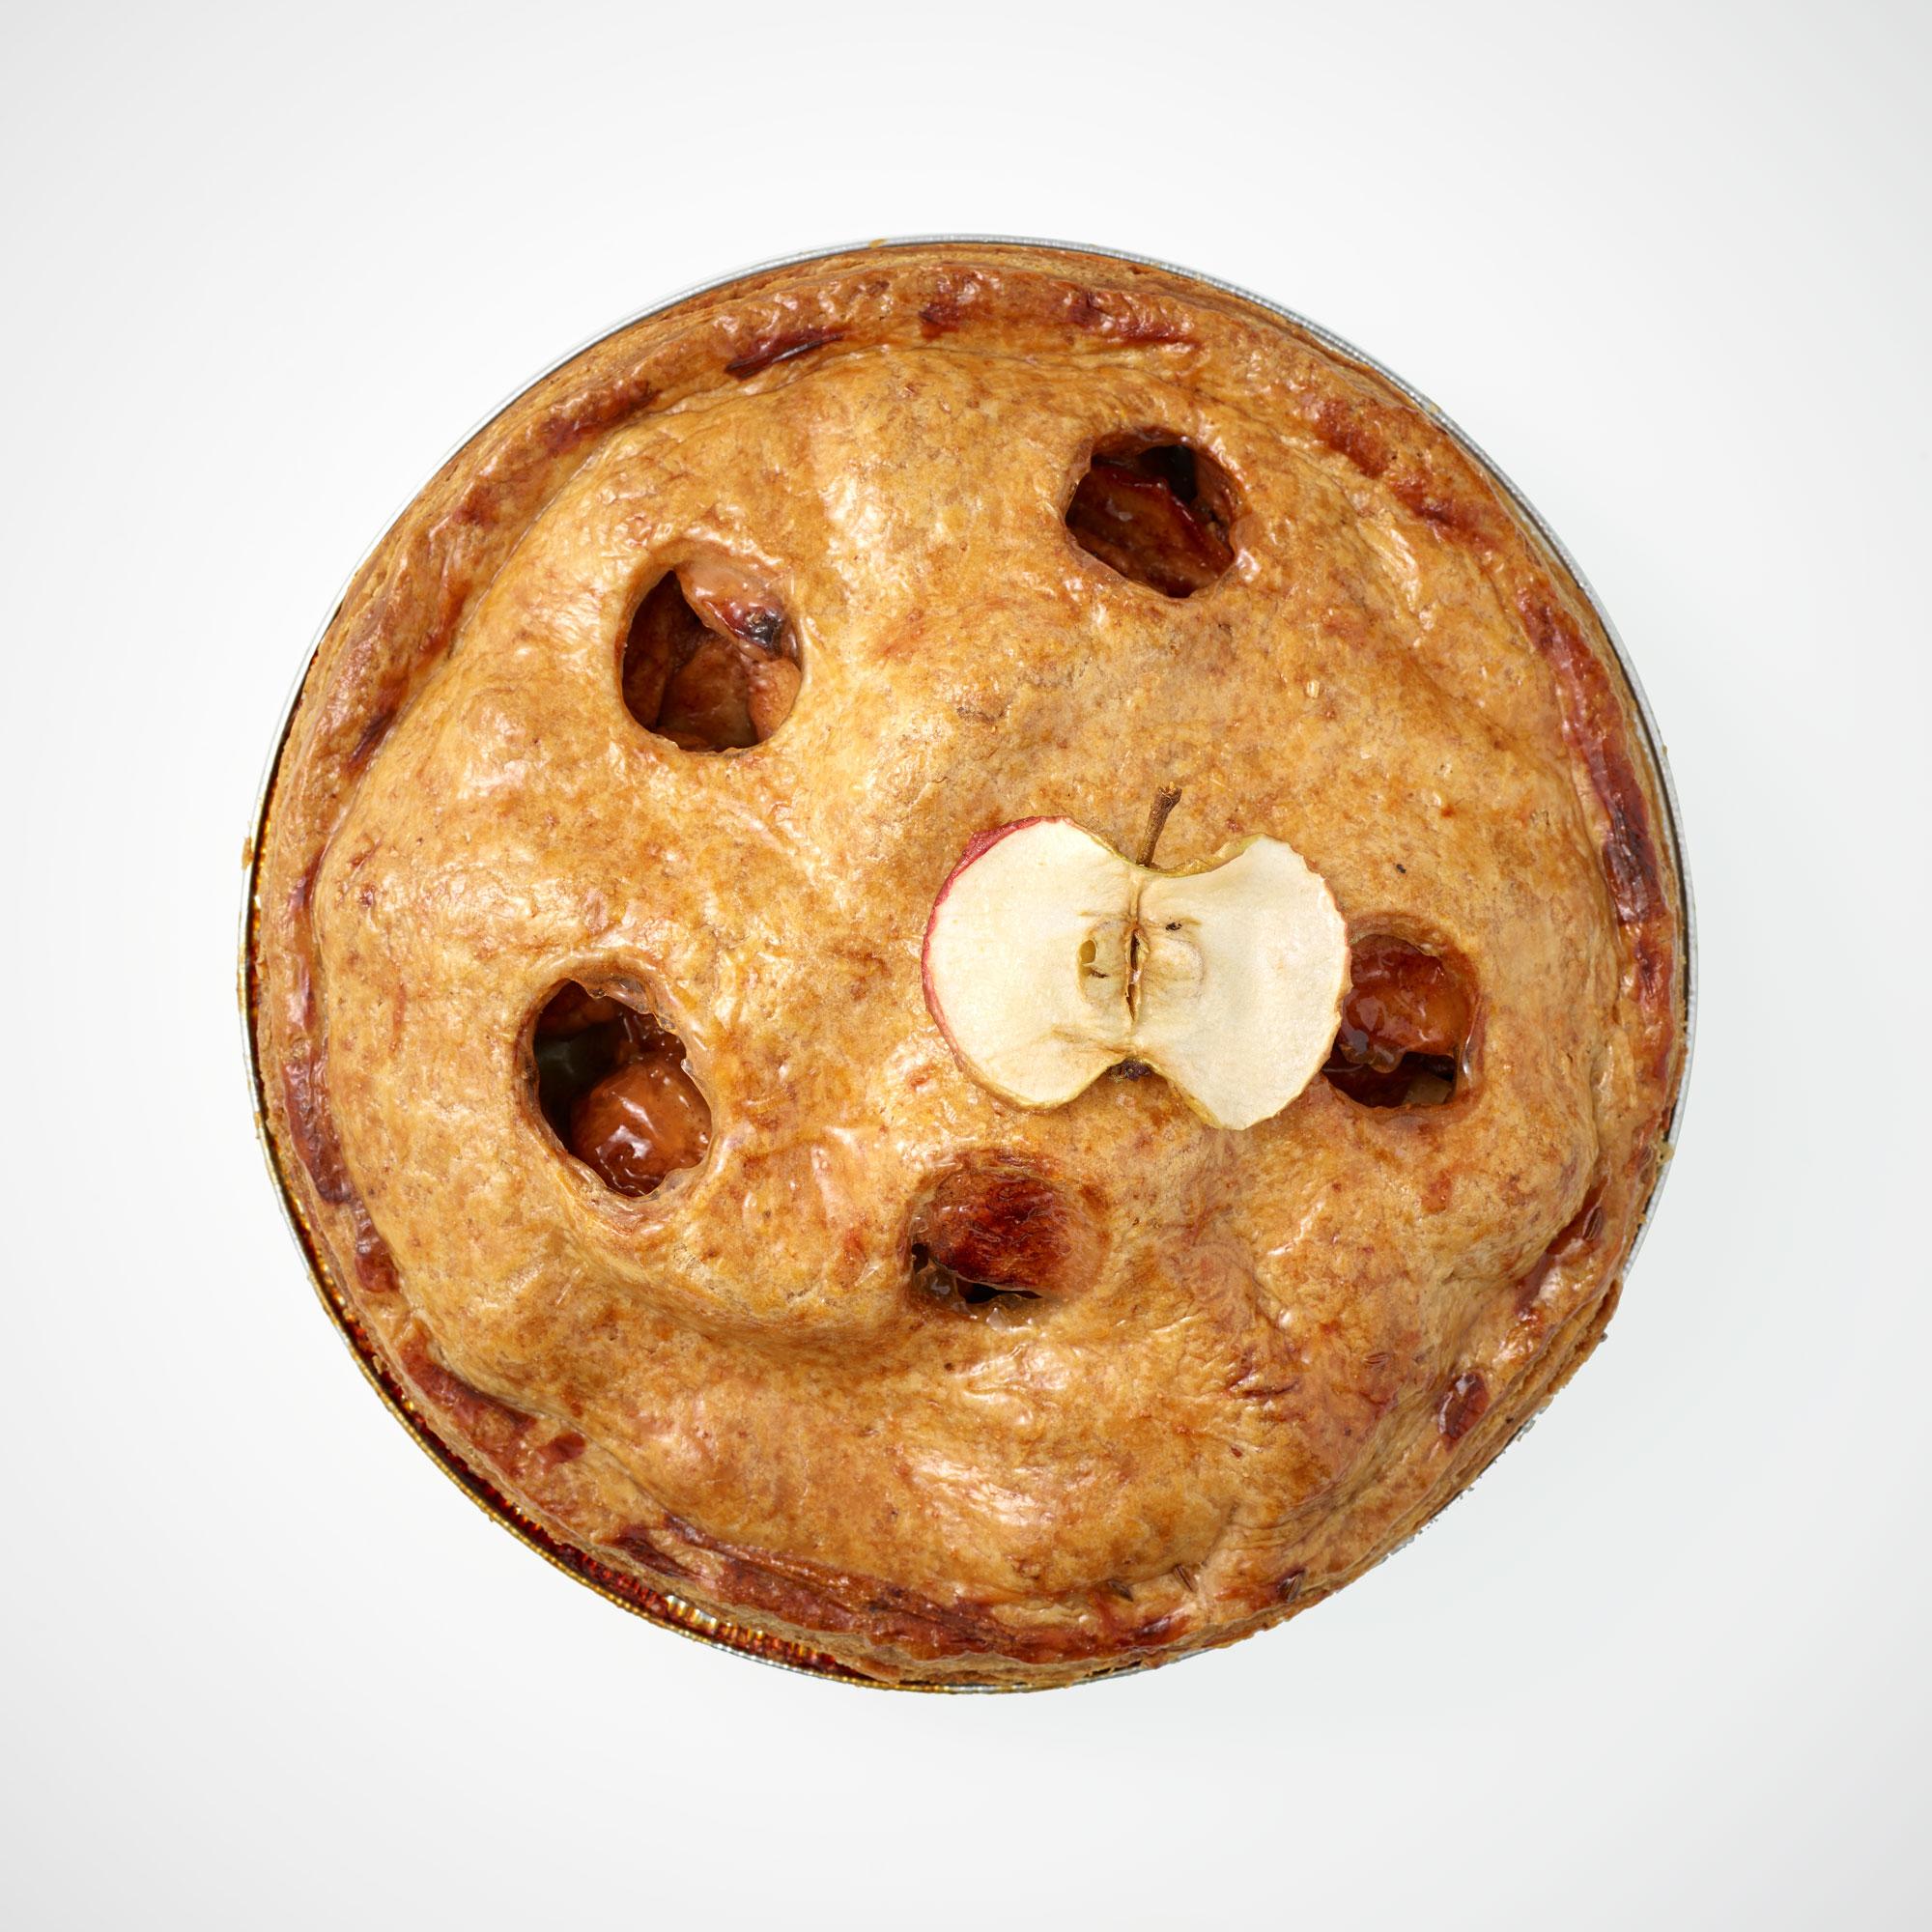 Apple_Pie_30.jpg